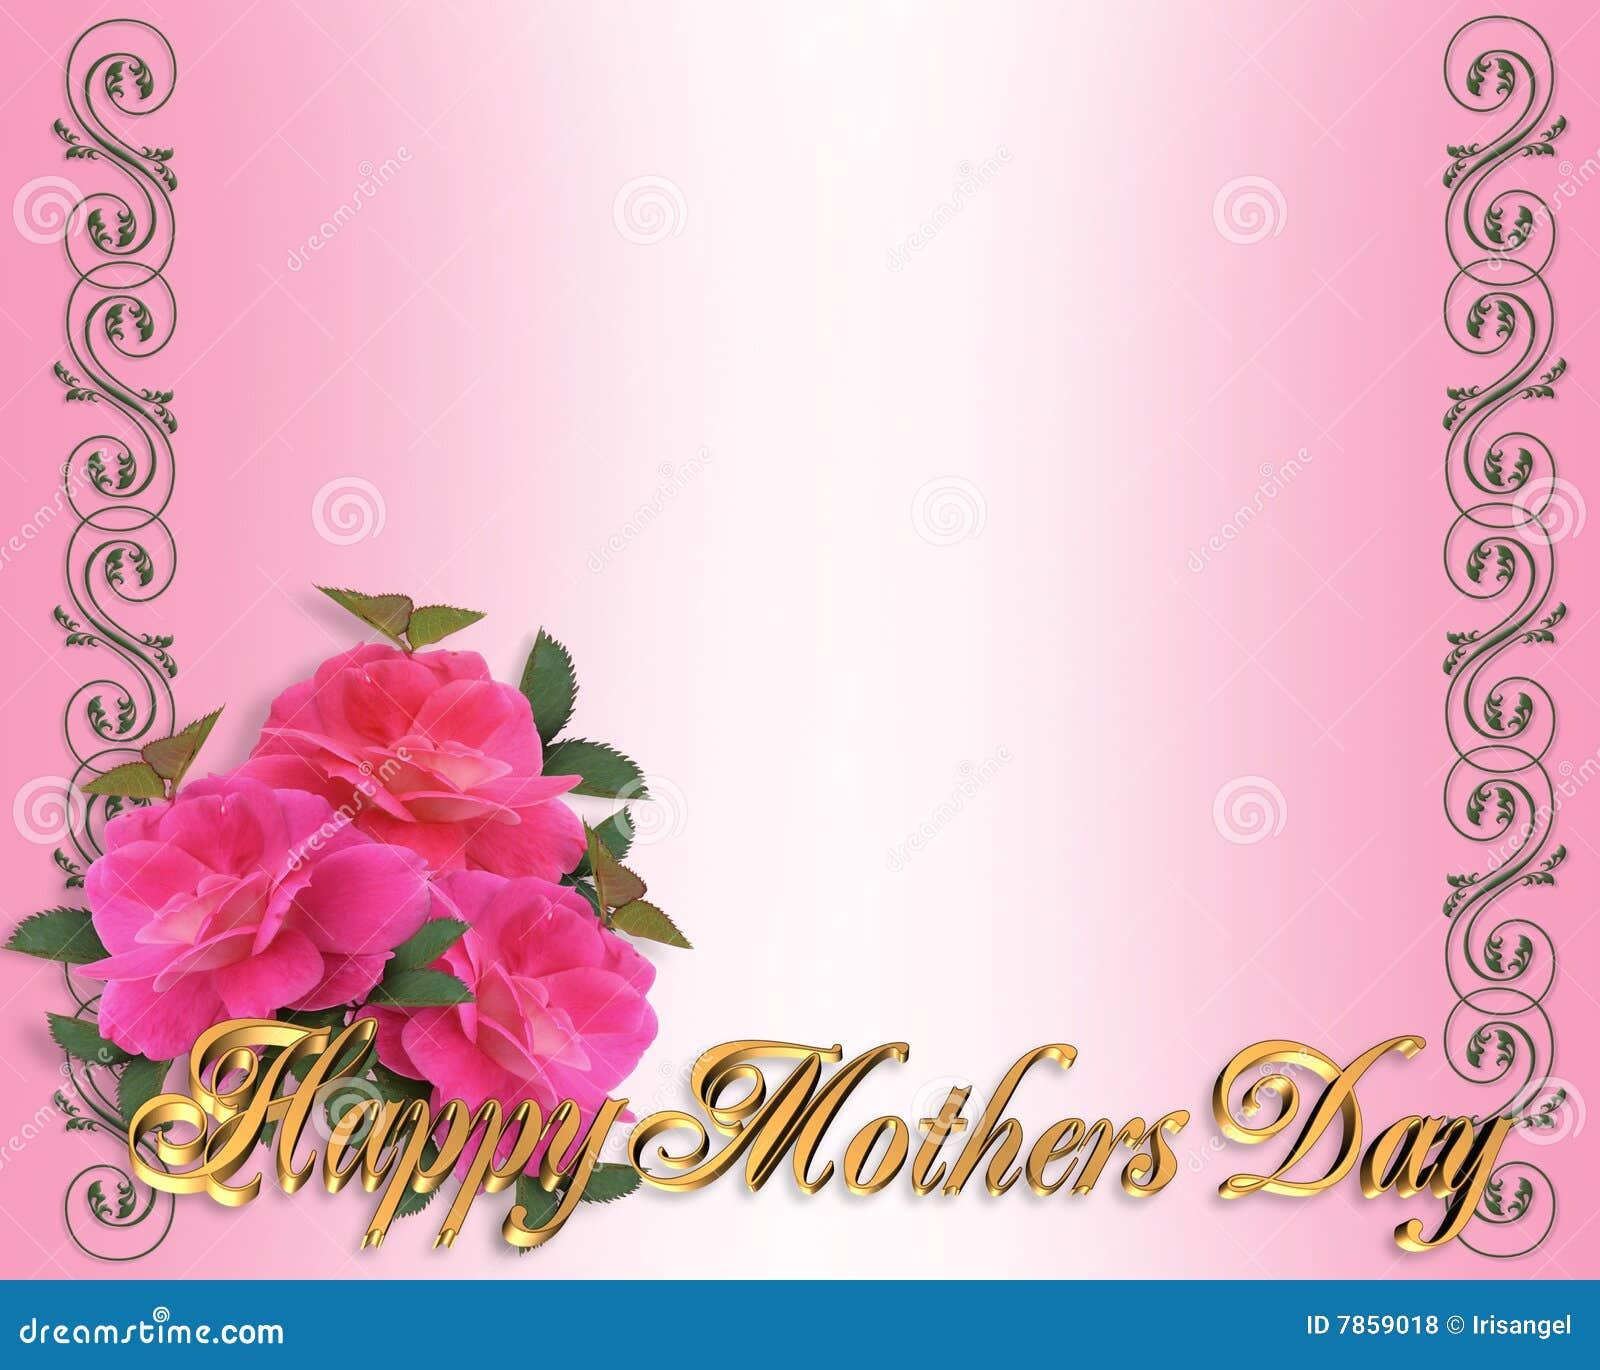 mothers day border pink roses stock illustration illustration of detail decorated 7859018. Black Bedroom Furniture Sets. Home Design Ideas